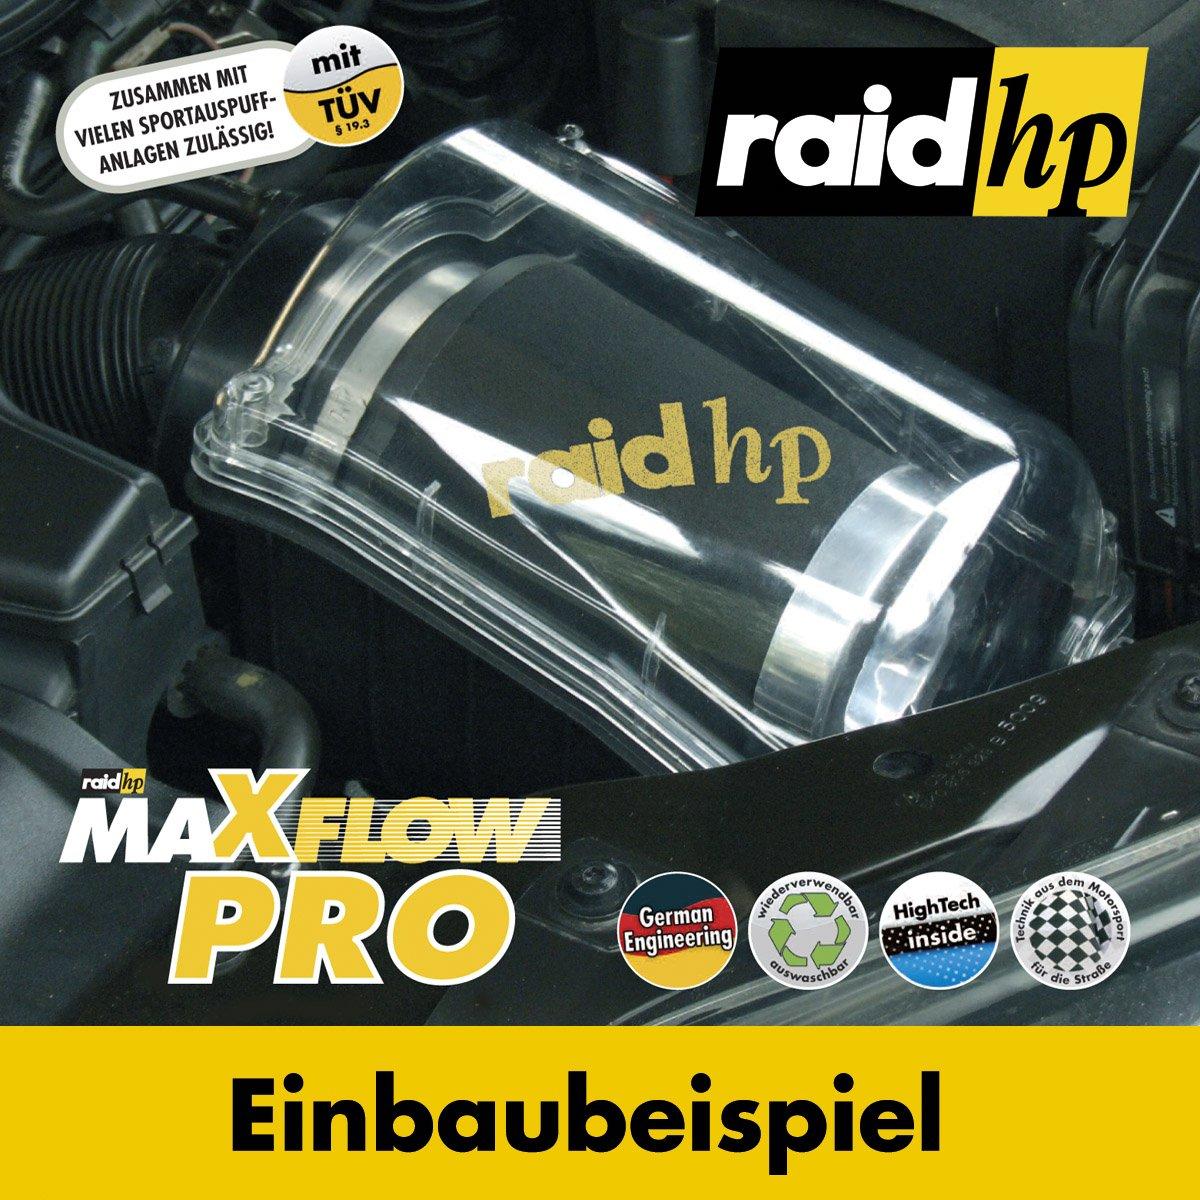 Raid HP 521310 Sportluftfilter Maxflow Pro